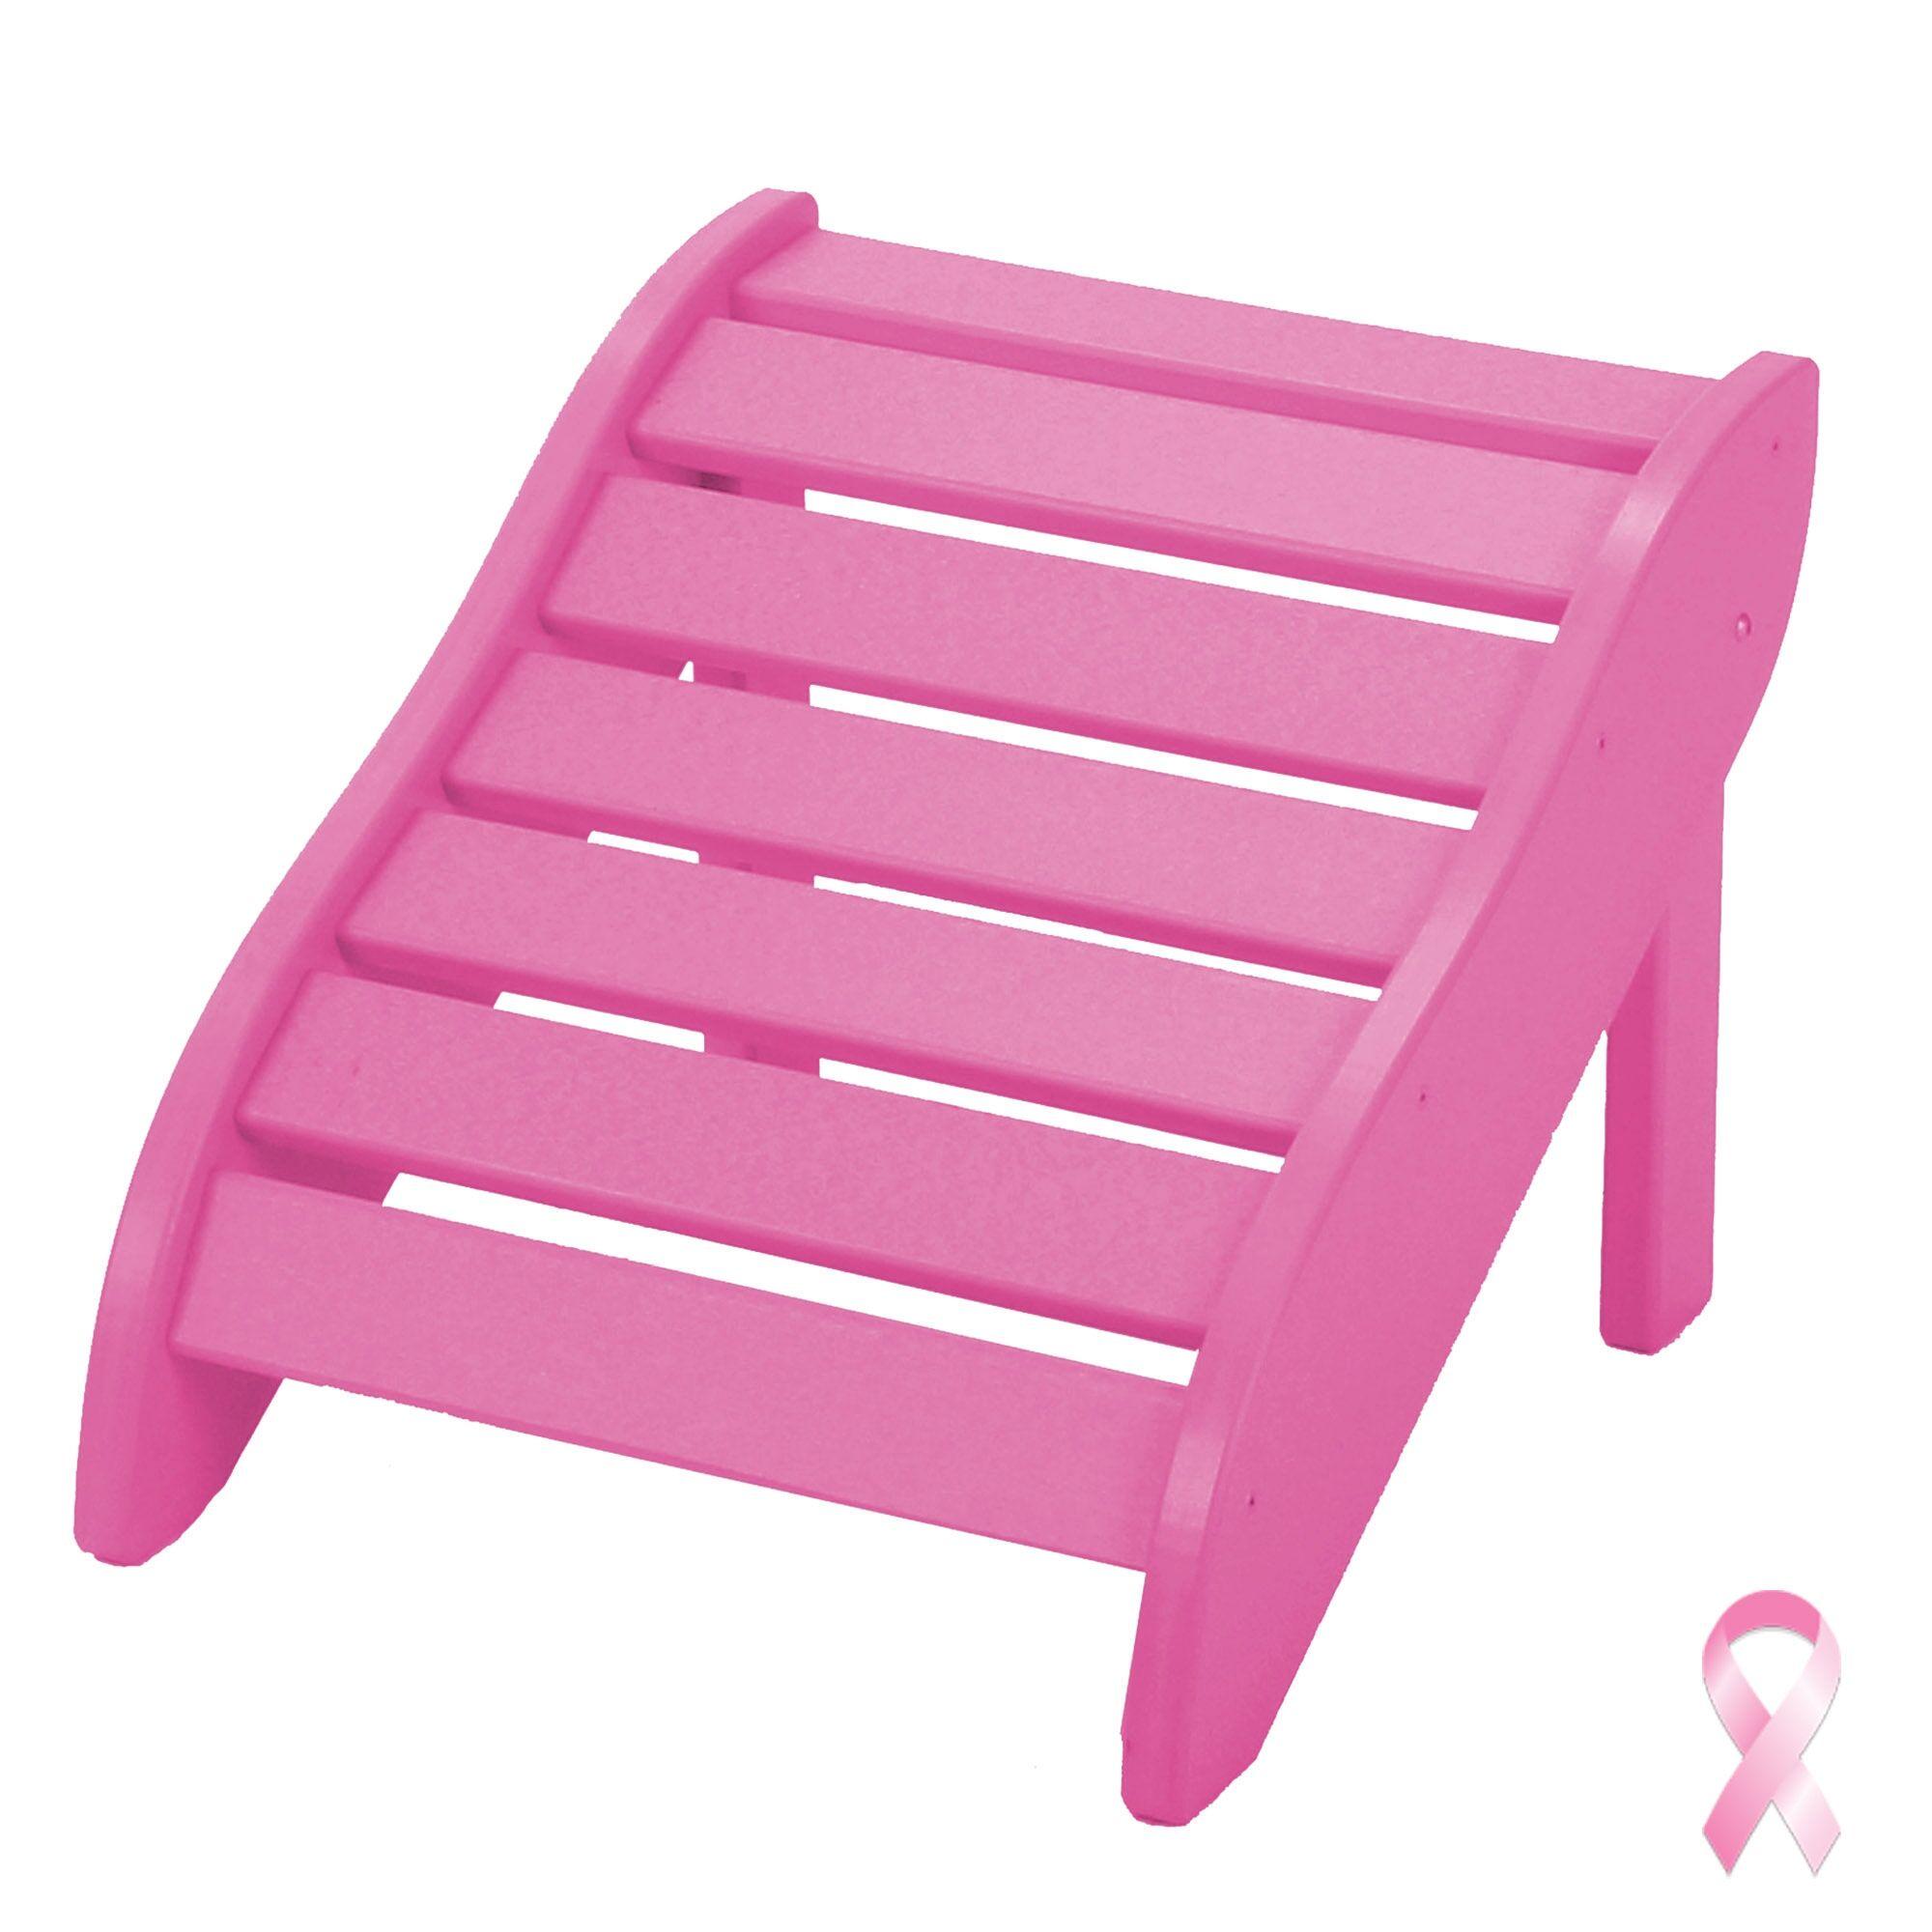 Edgin Foot Rest Color: Pink